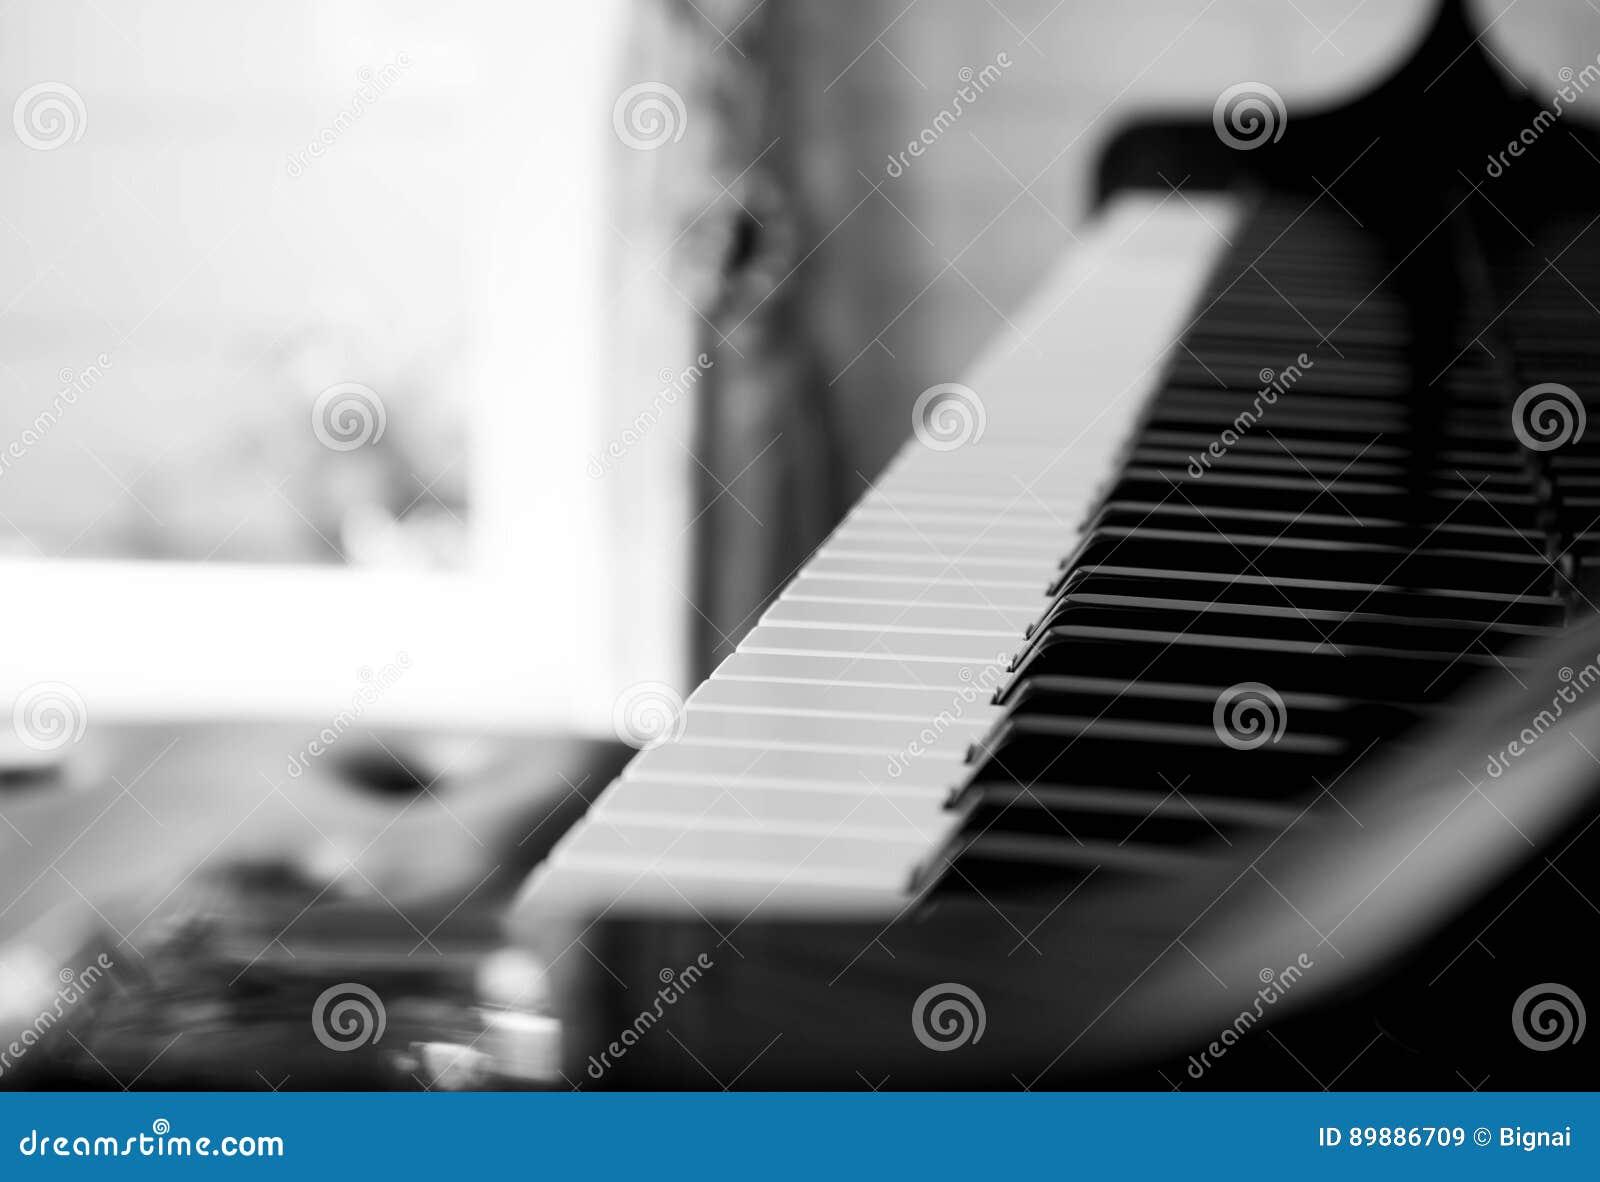 Chaves selecionadas do piano do foco